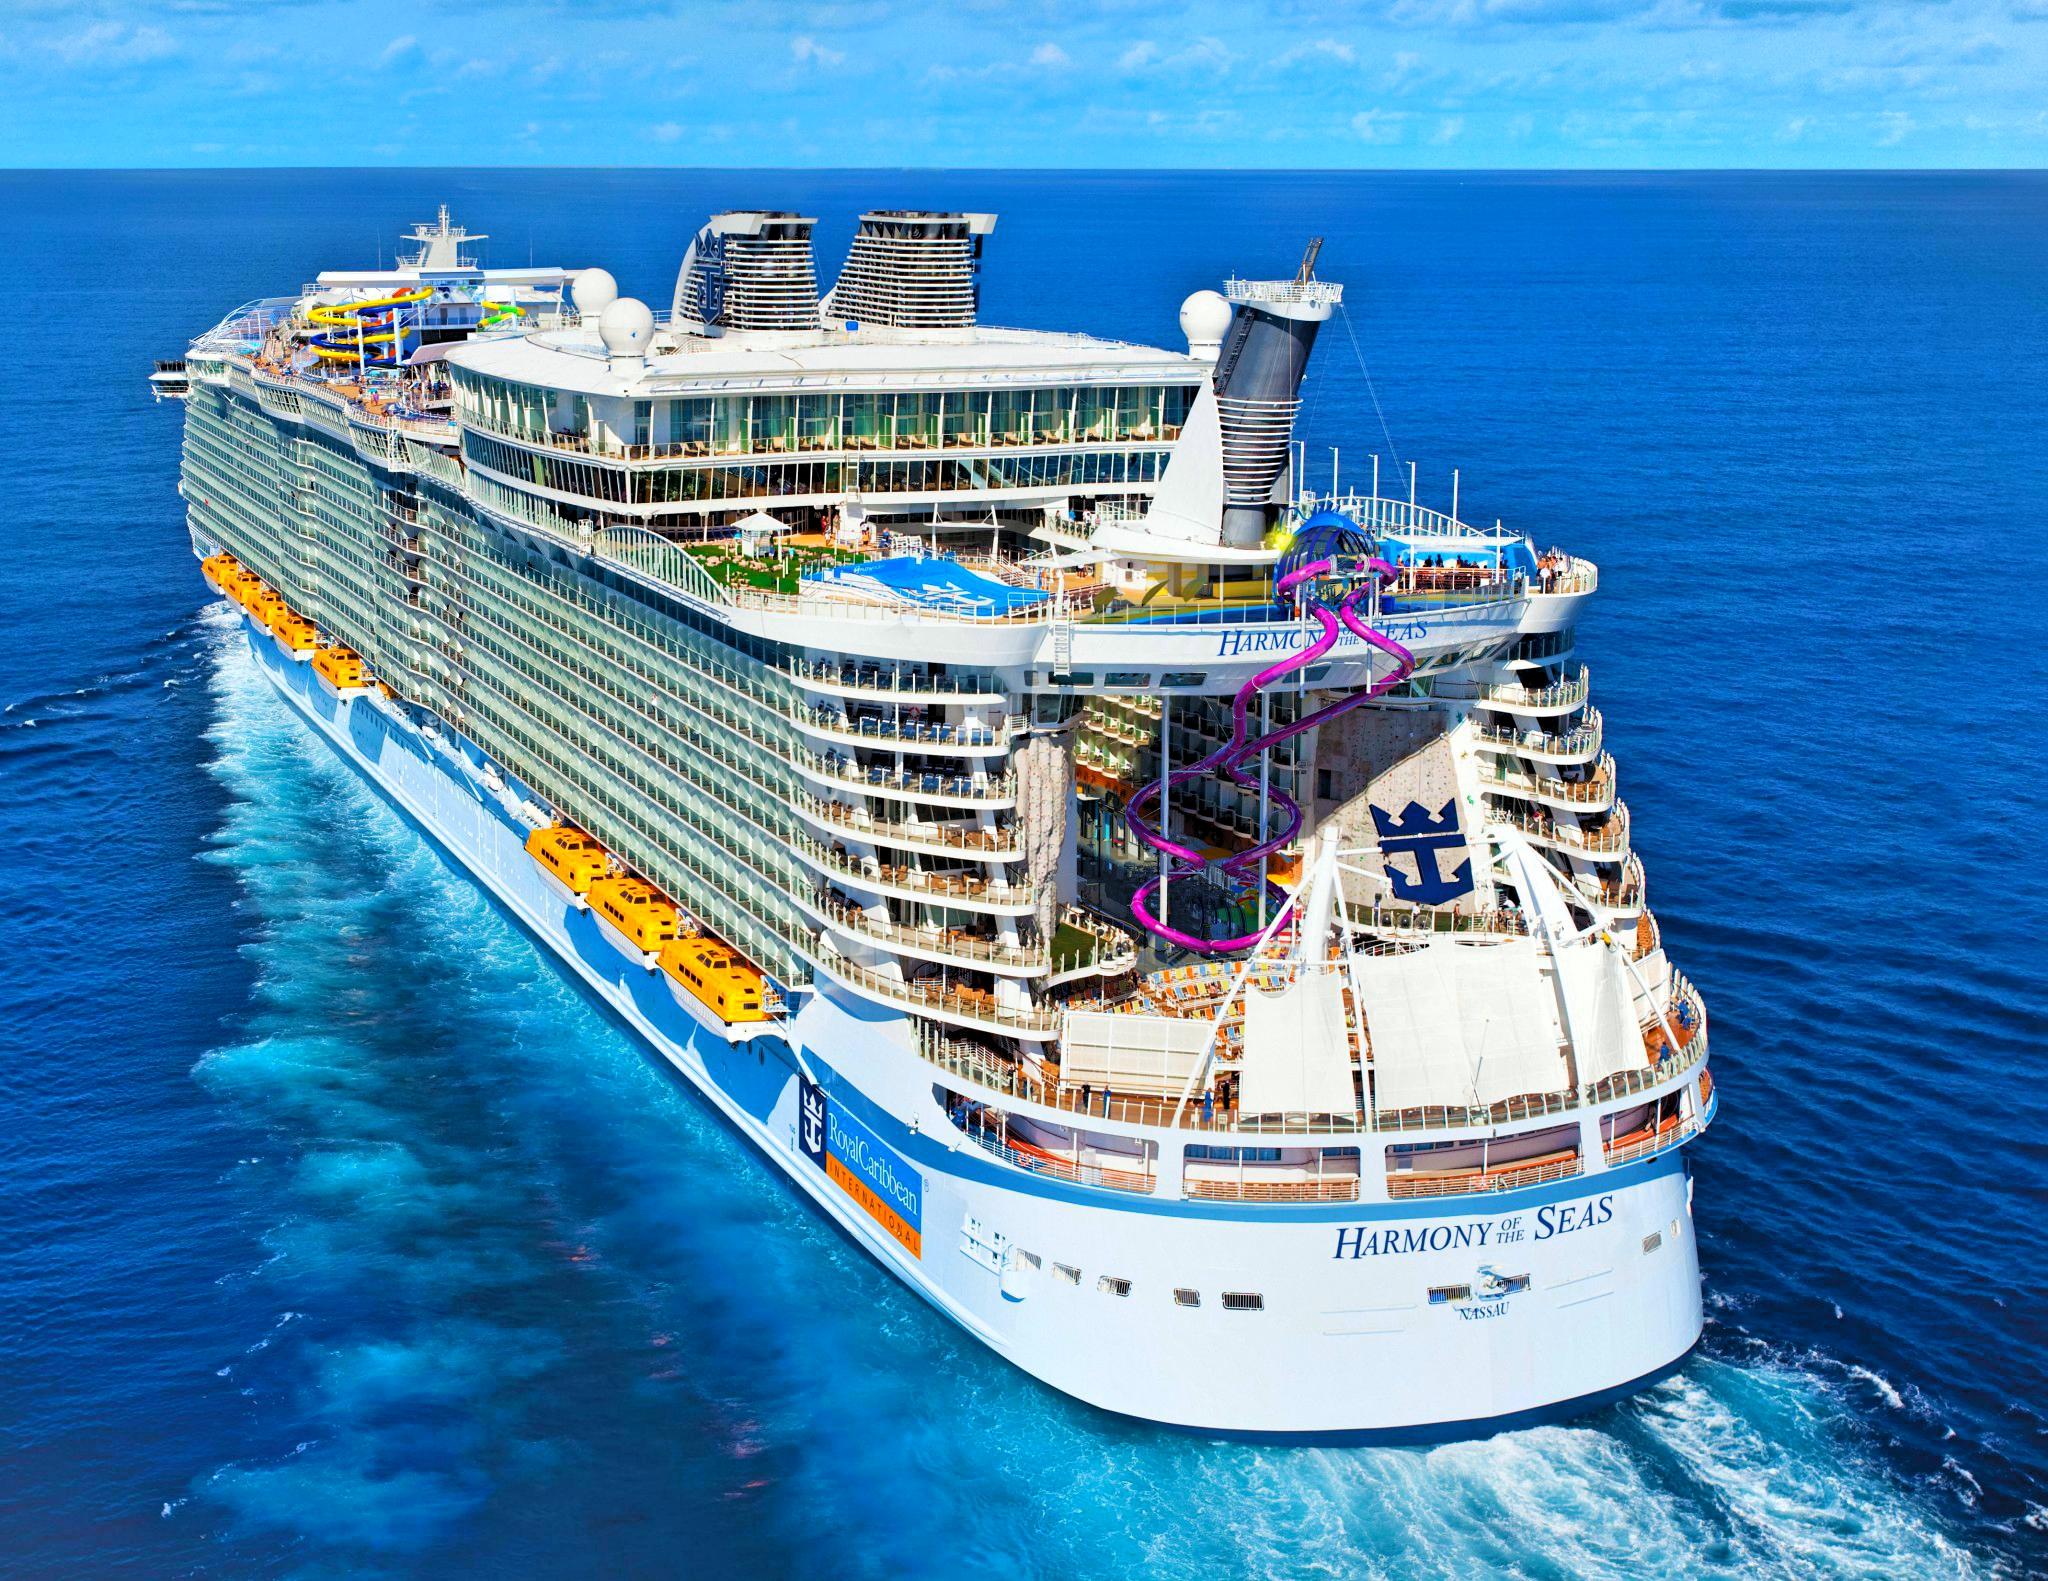 Harmony of the seas-cel mai mare vas de croaziera din lume